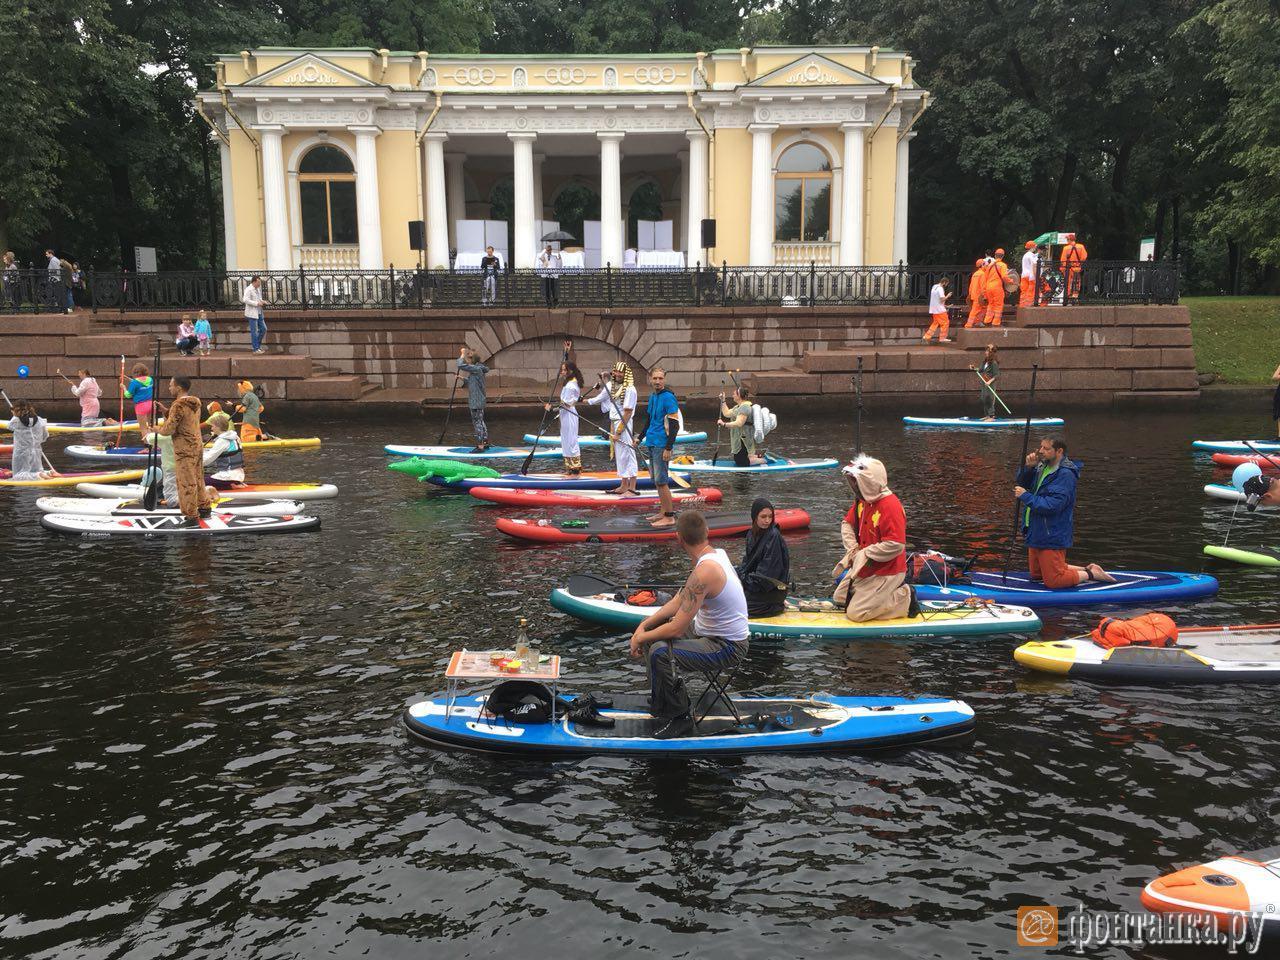 Фестиваль «Фонтанка-SUP» в прямом эфире (Иллюстрация 22 из 45) (Фото: Елена Ваганова)